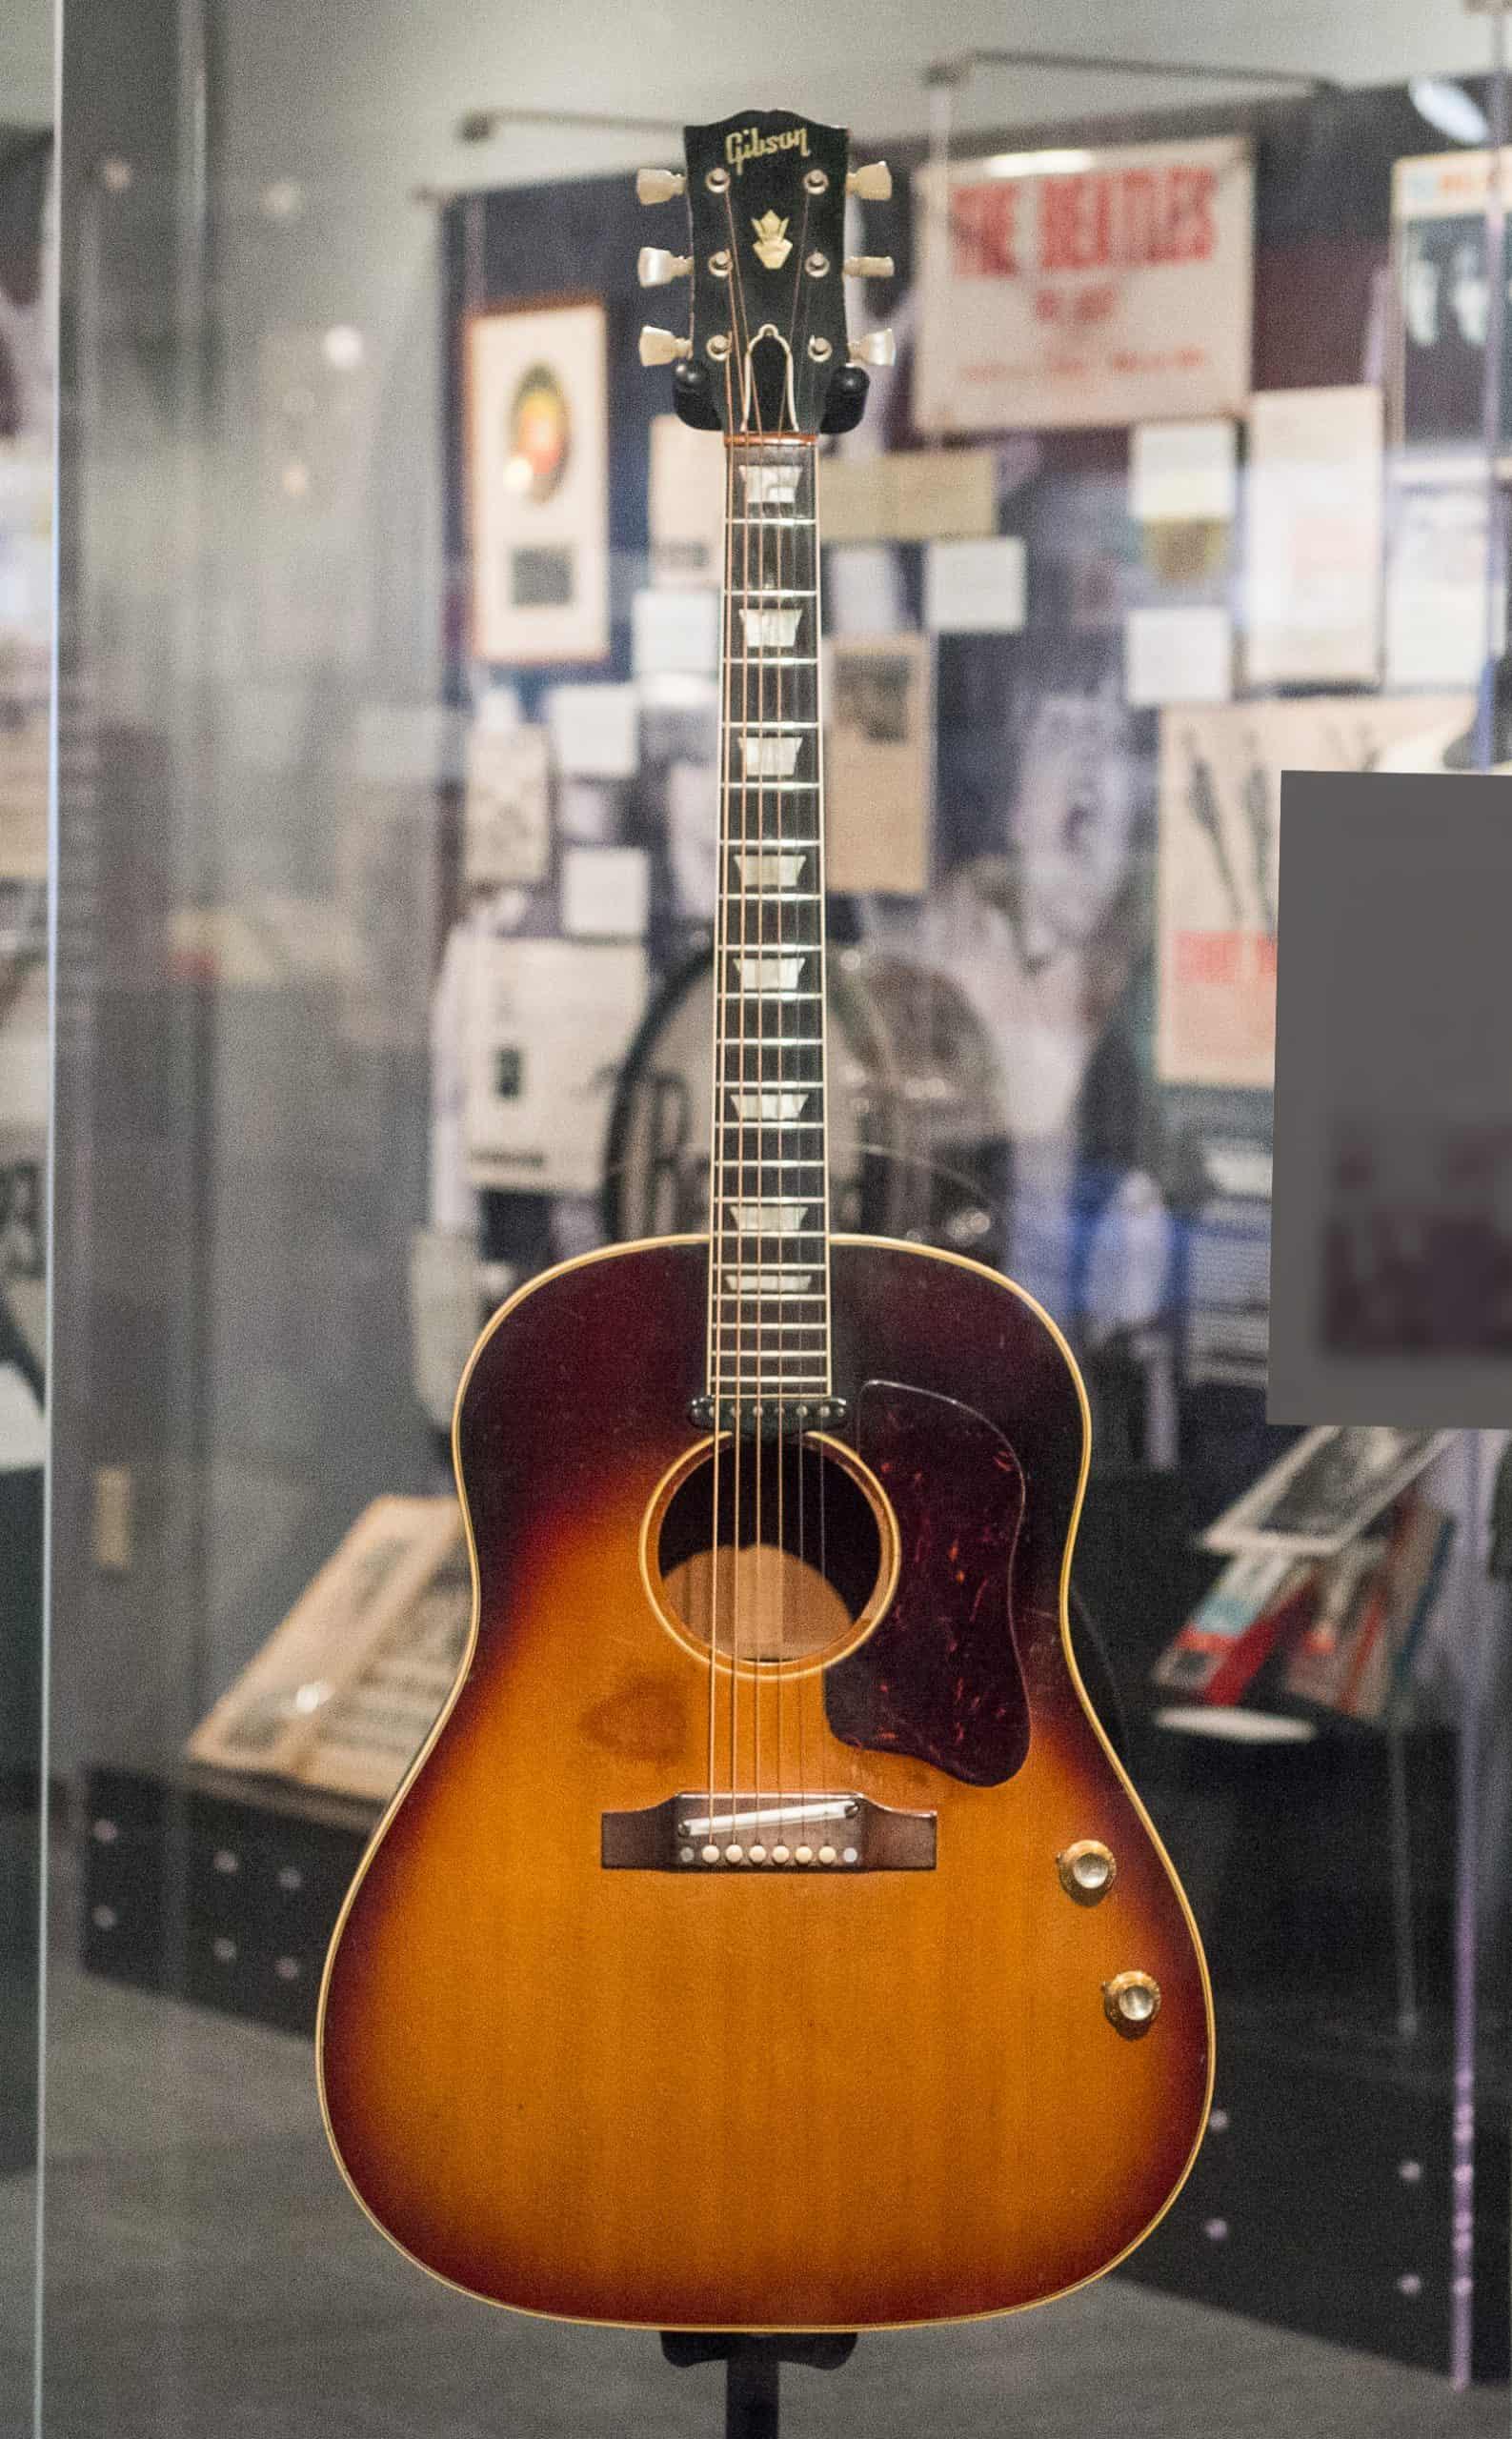 John Lenon Guitar